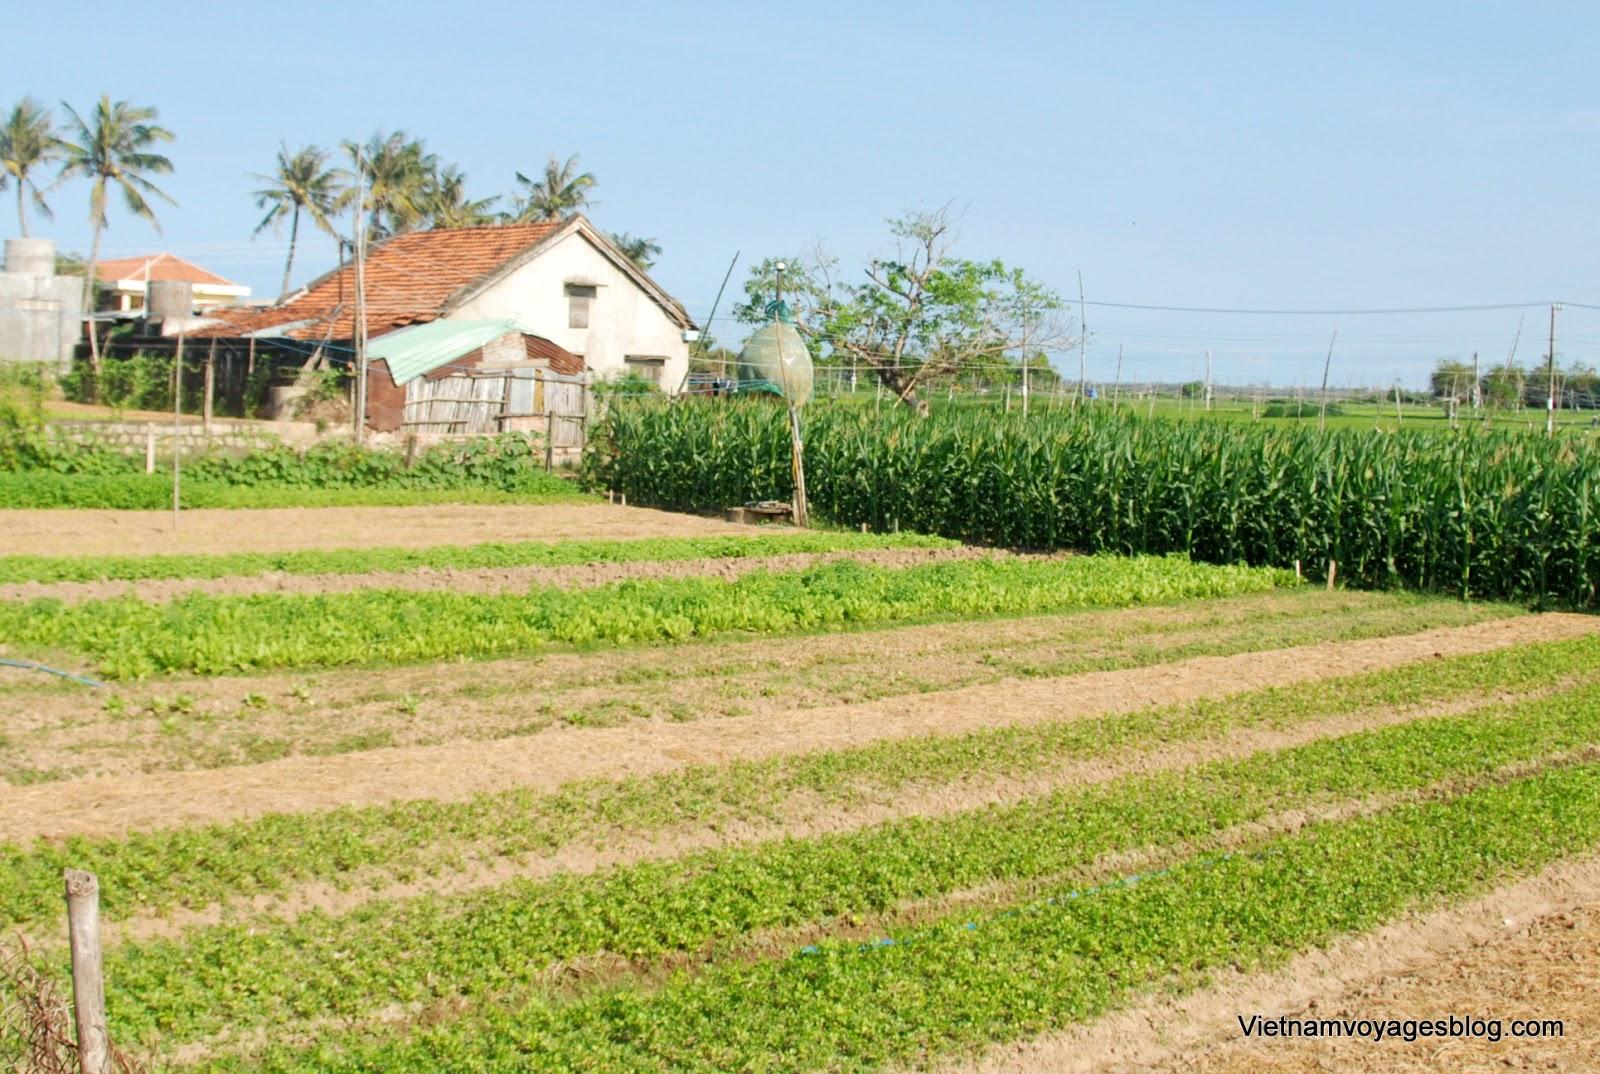 Tham quan làng rau Ngọc Lãng ở Phú Yên